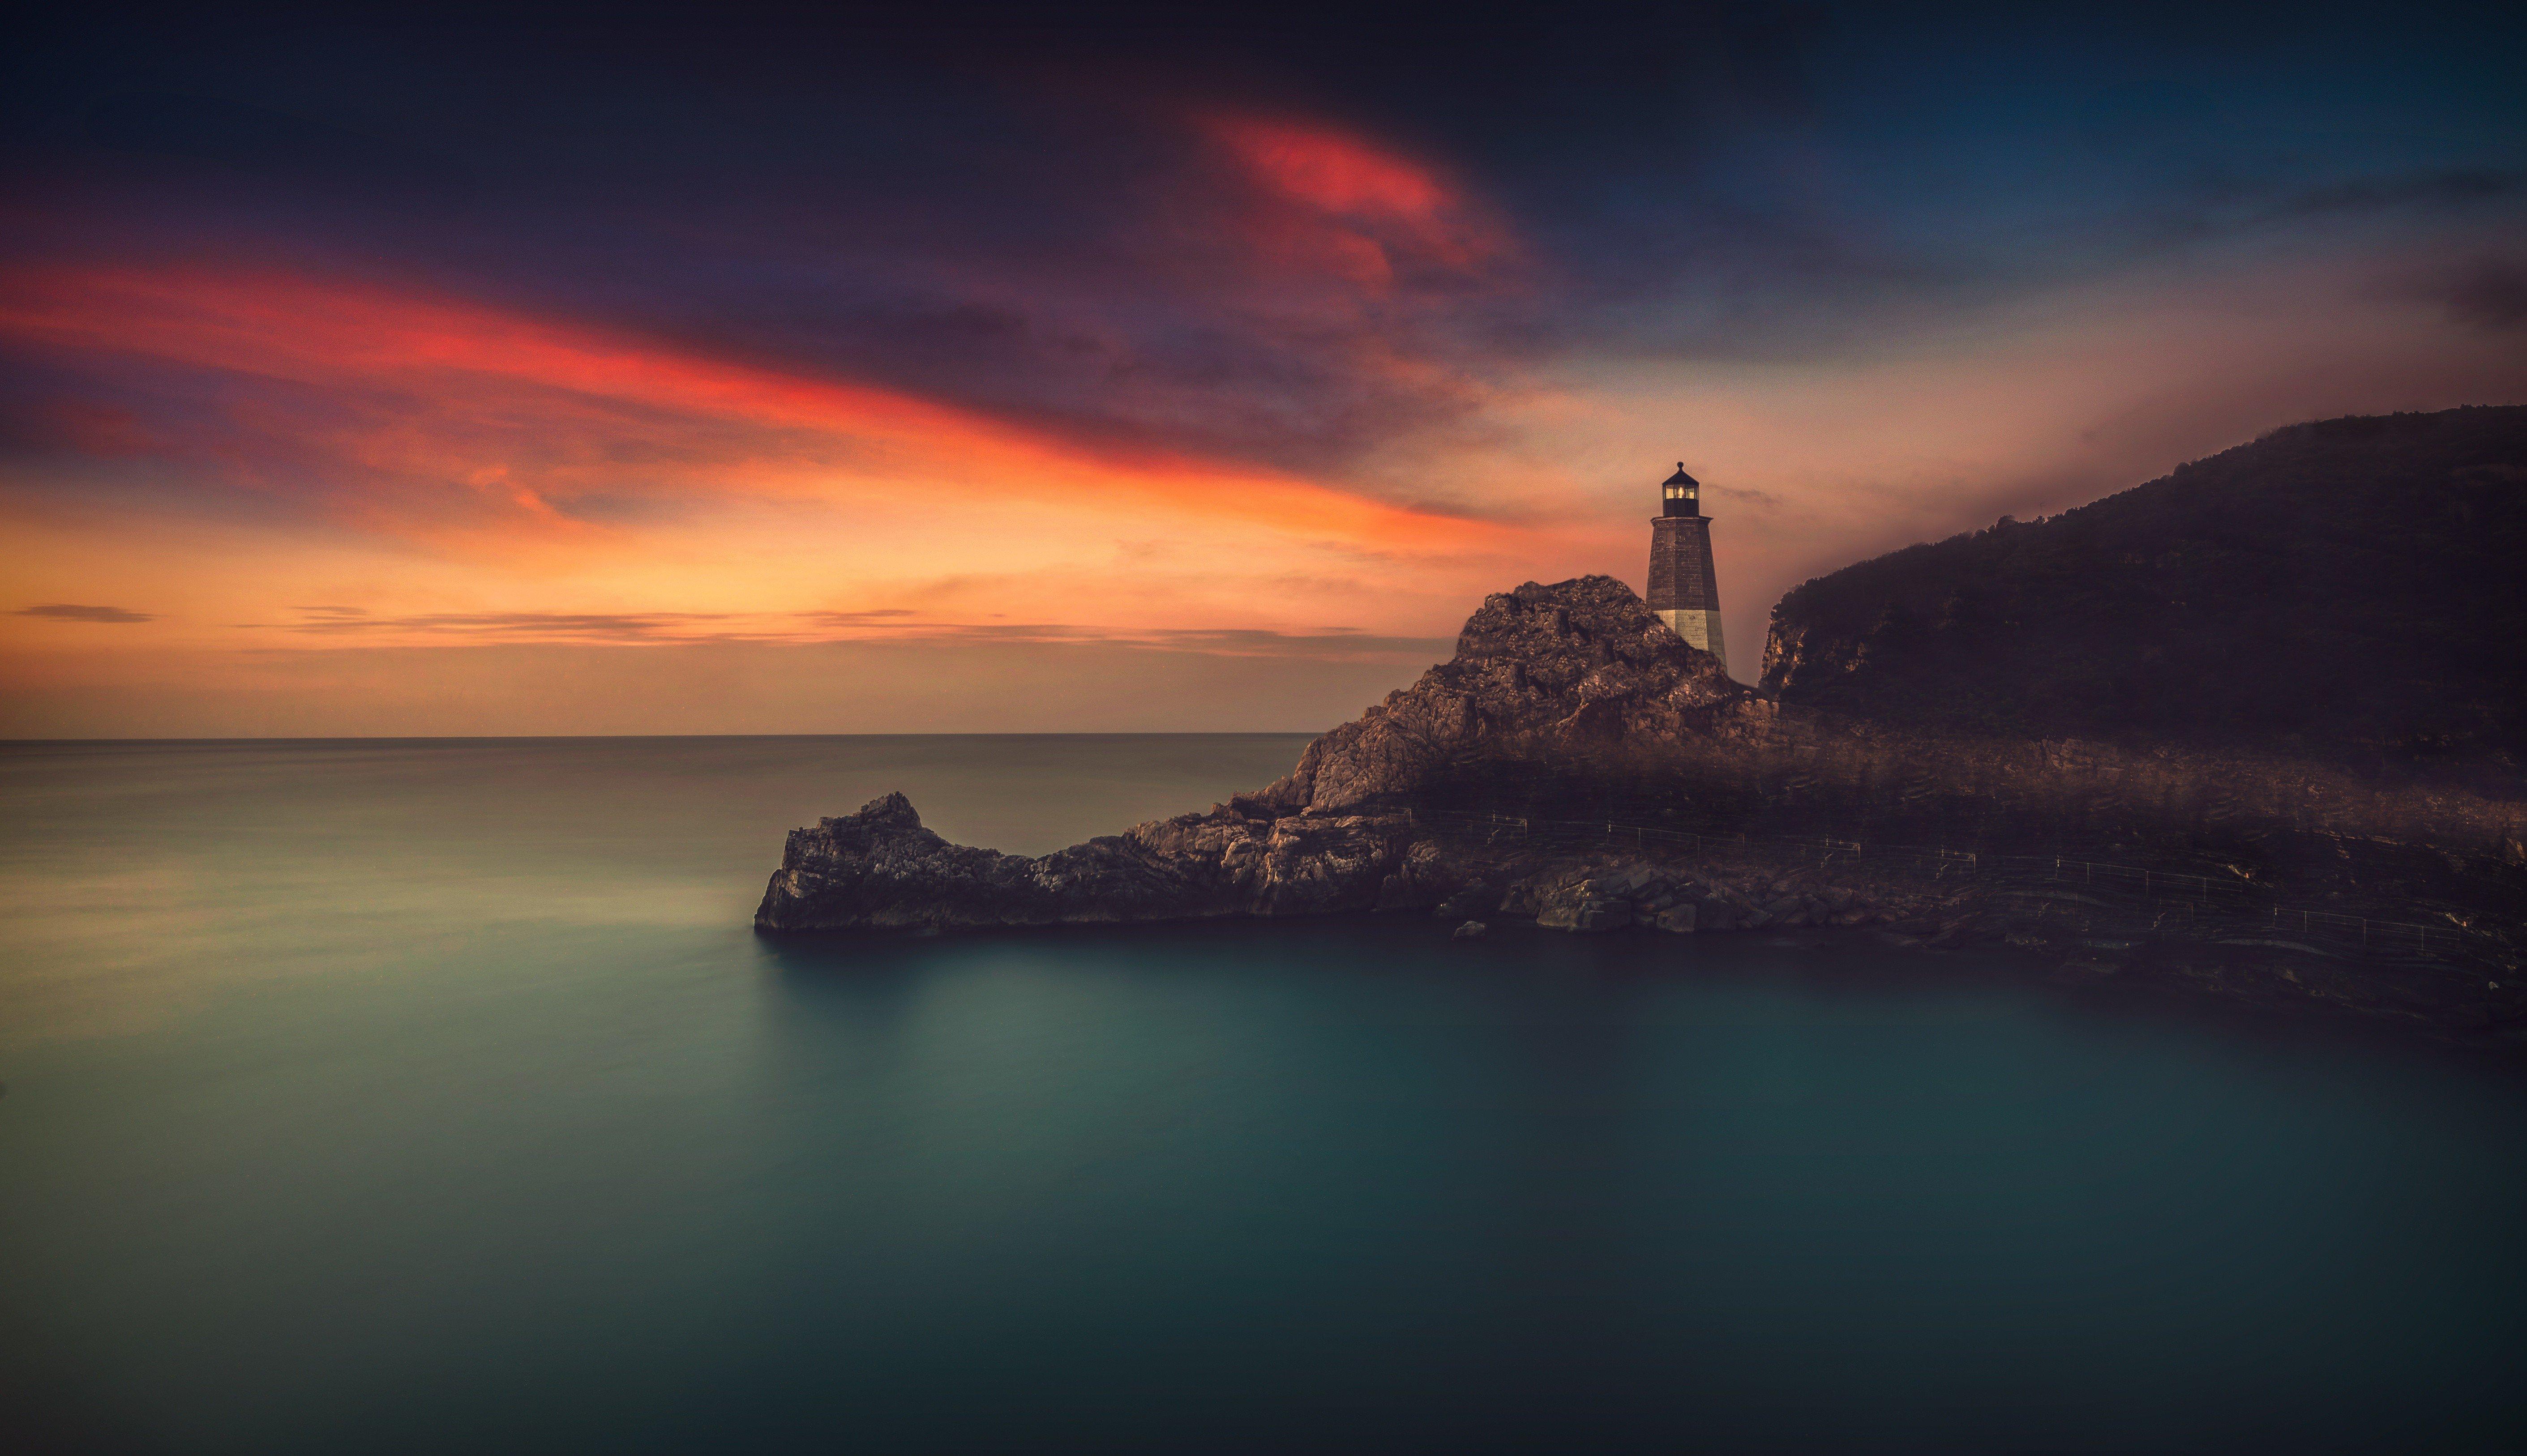 природа маяк море скалы  № 2238455 загрузить